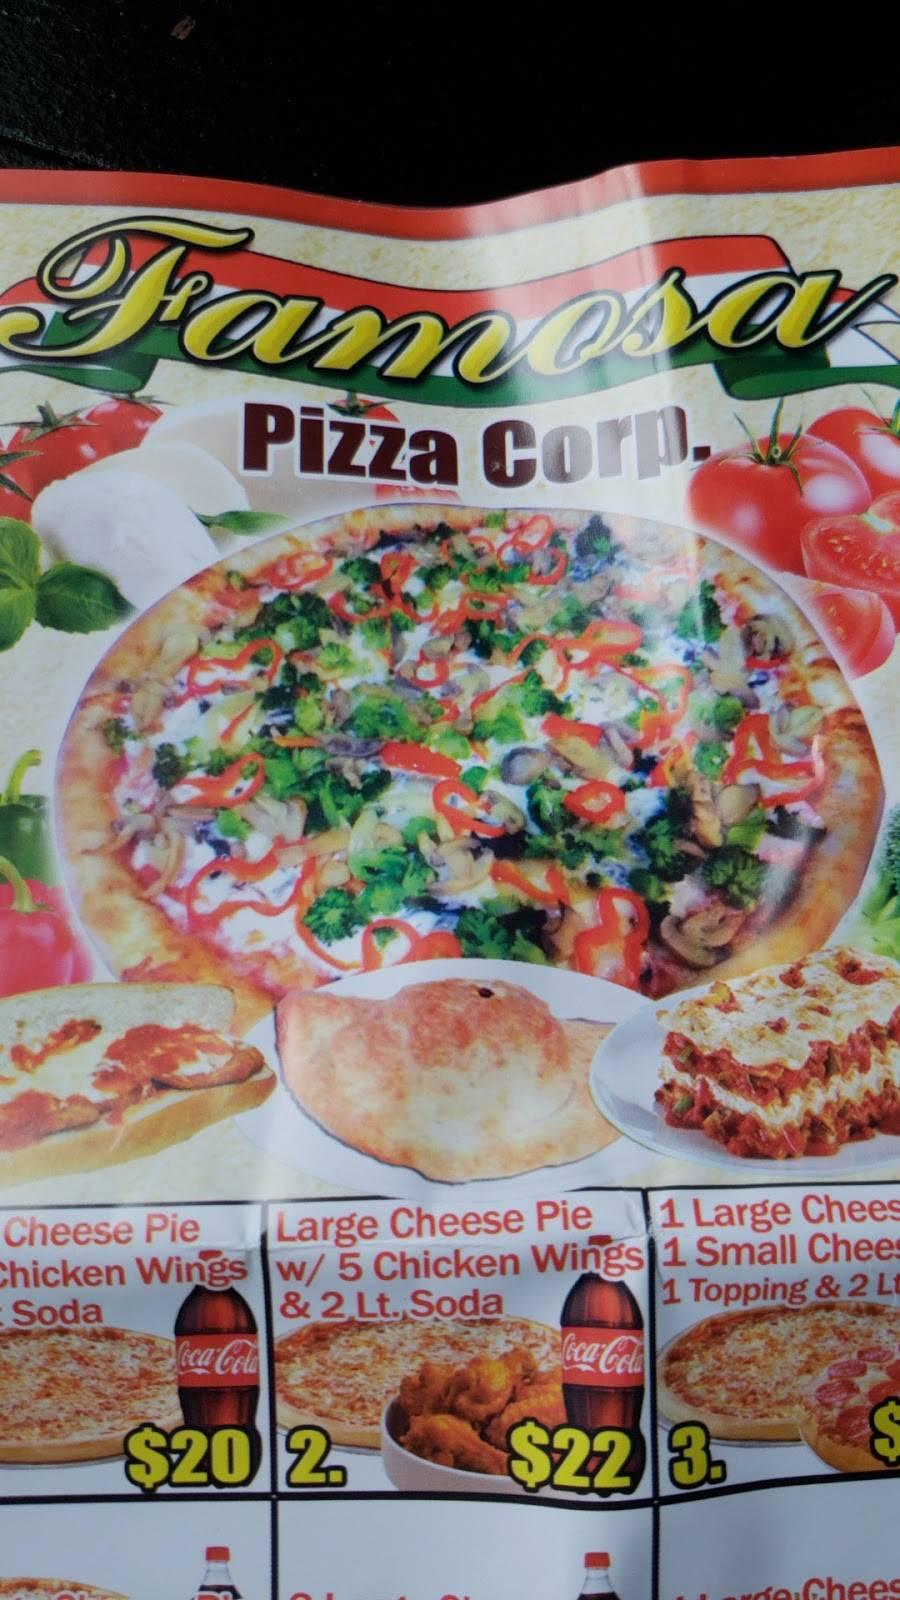 Famosa Pizza   restaurant   621 E 187th St, Bronx, NY 10458, USA   9176881312 OR +1 917-688-1312